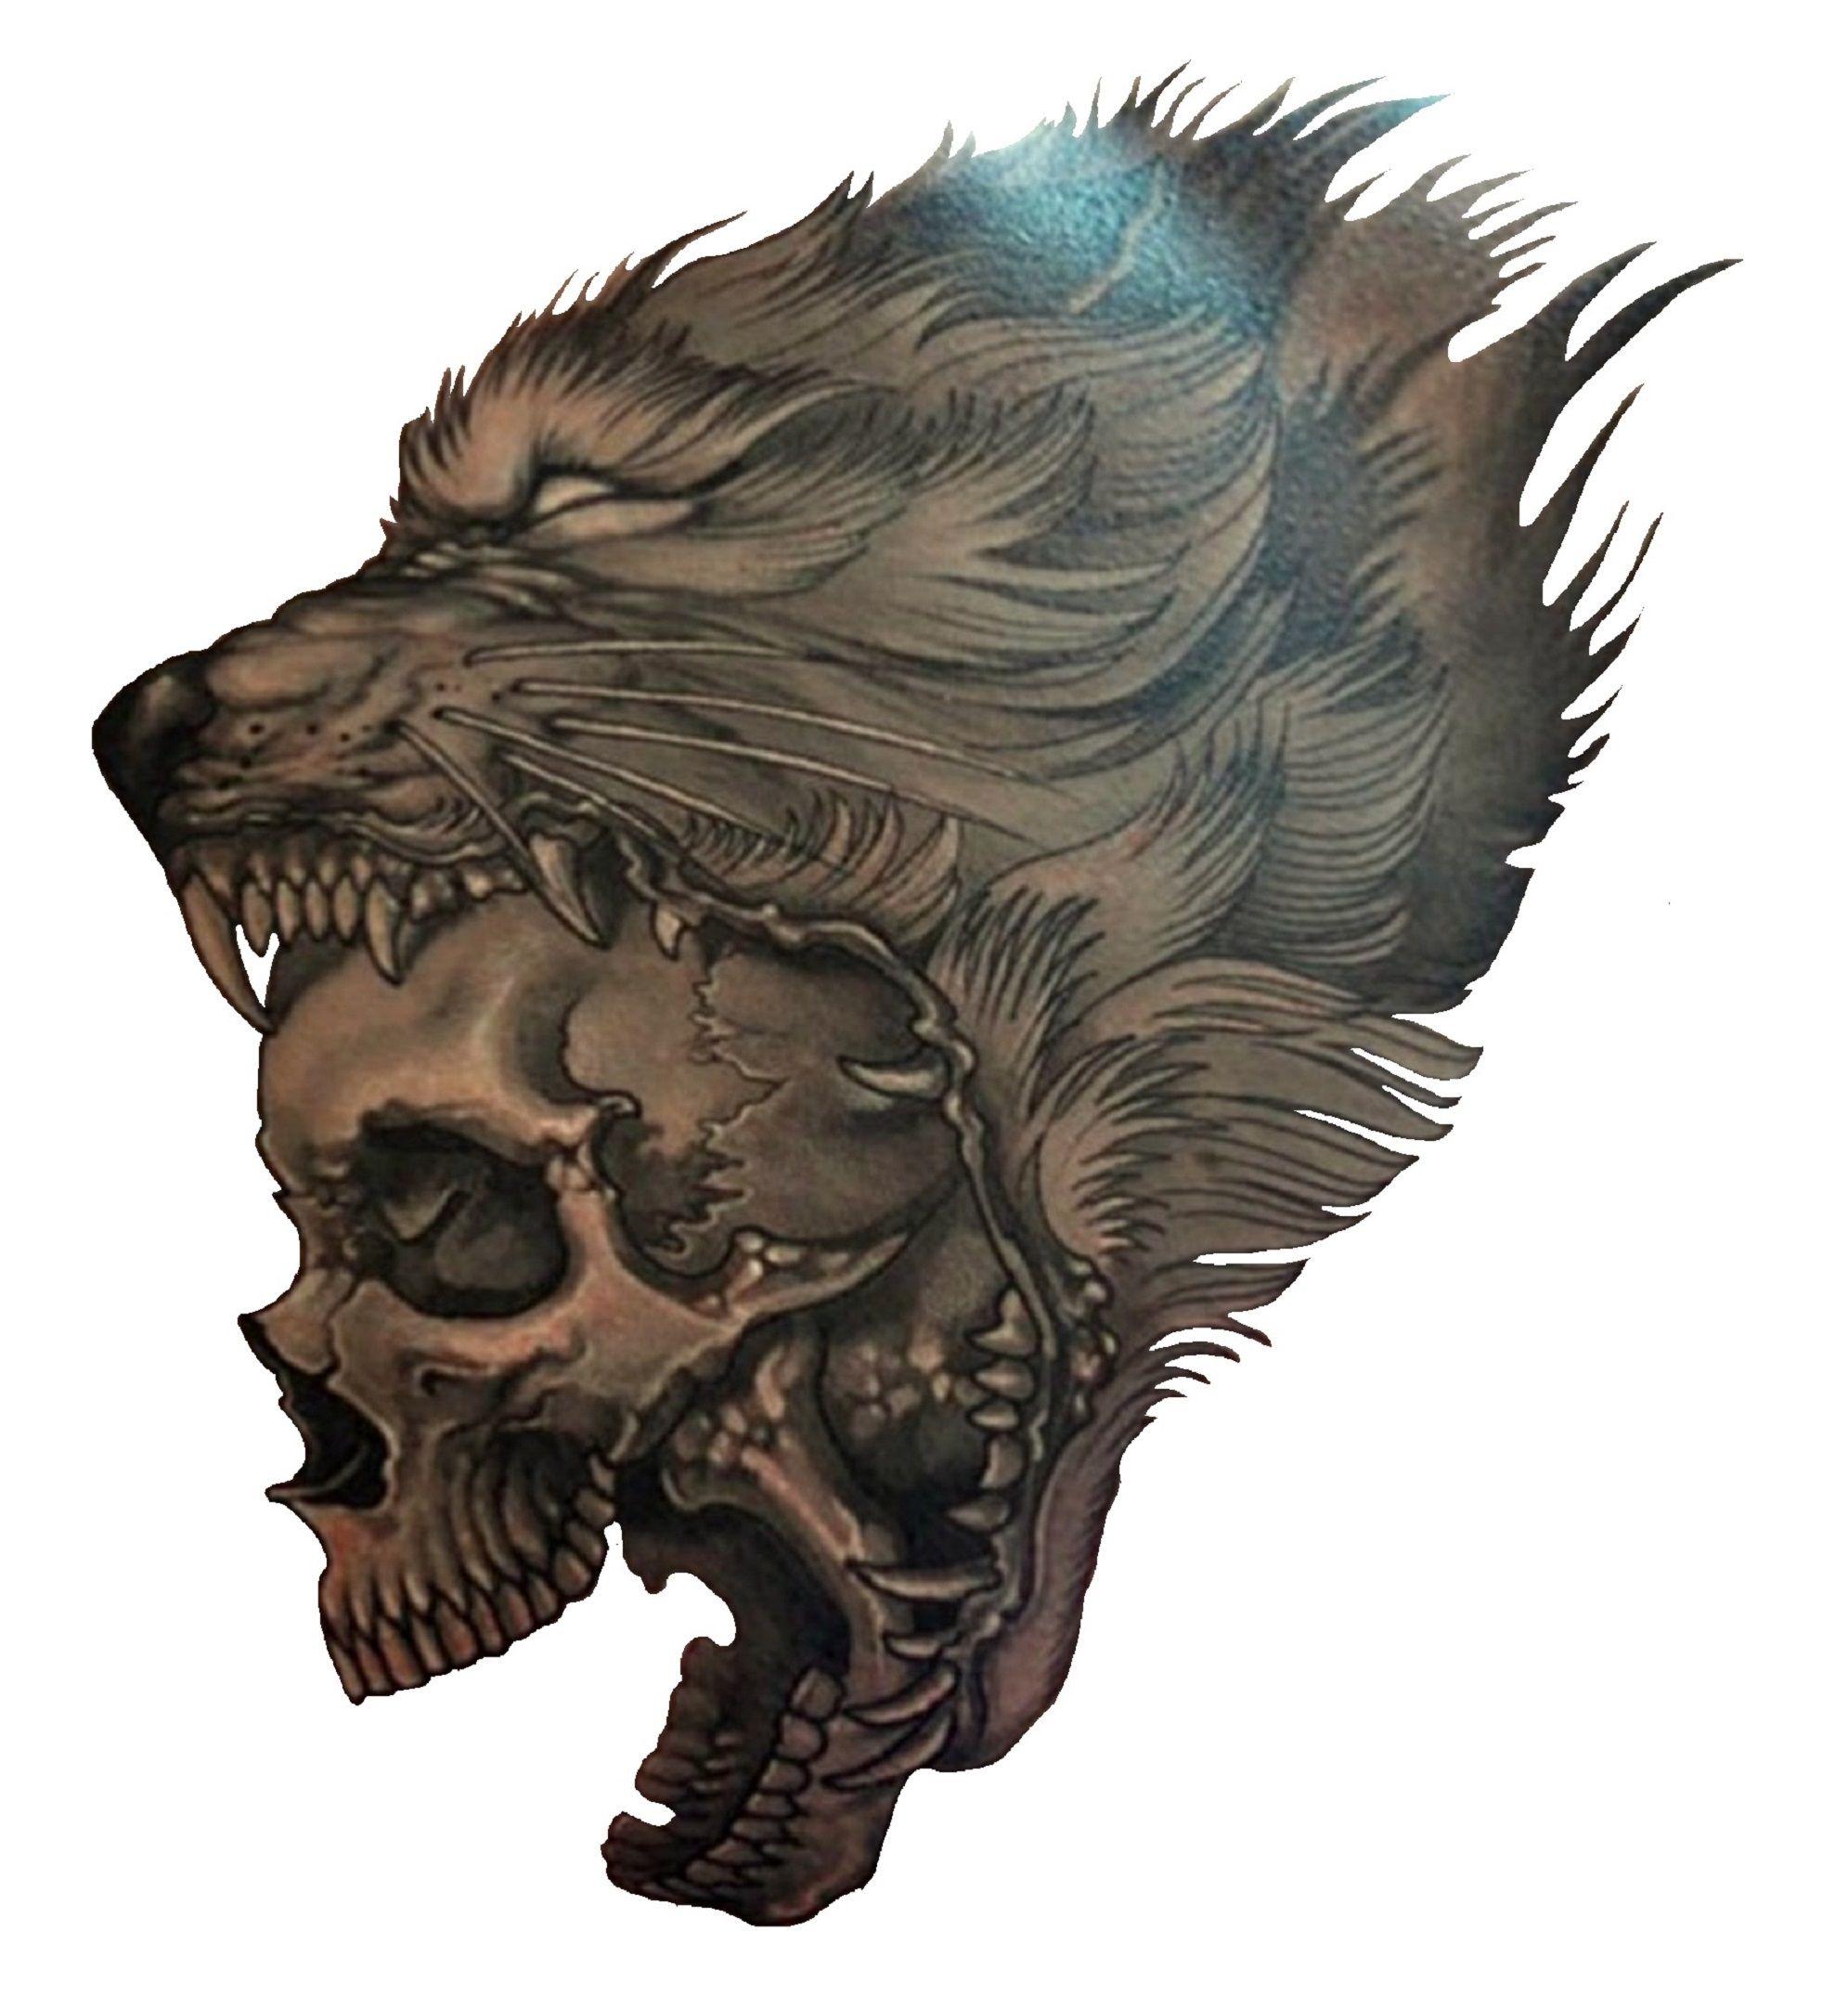 Wolf Skull Tattoo. Http://3d-tattoodesign.com/hd-wolf